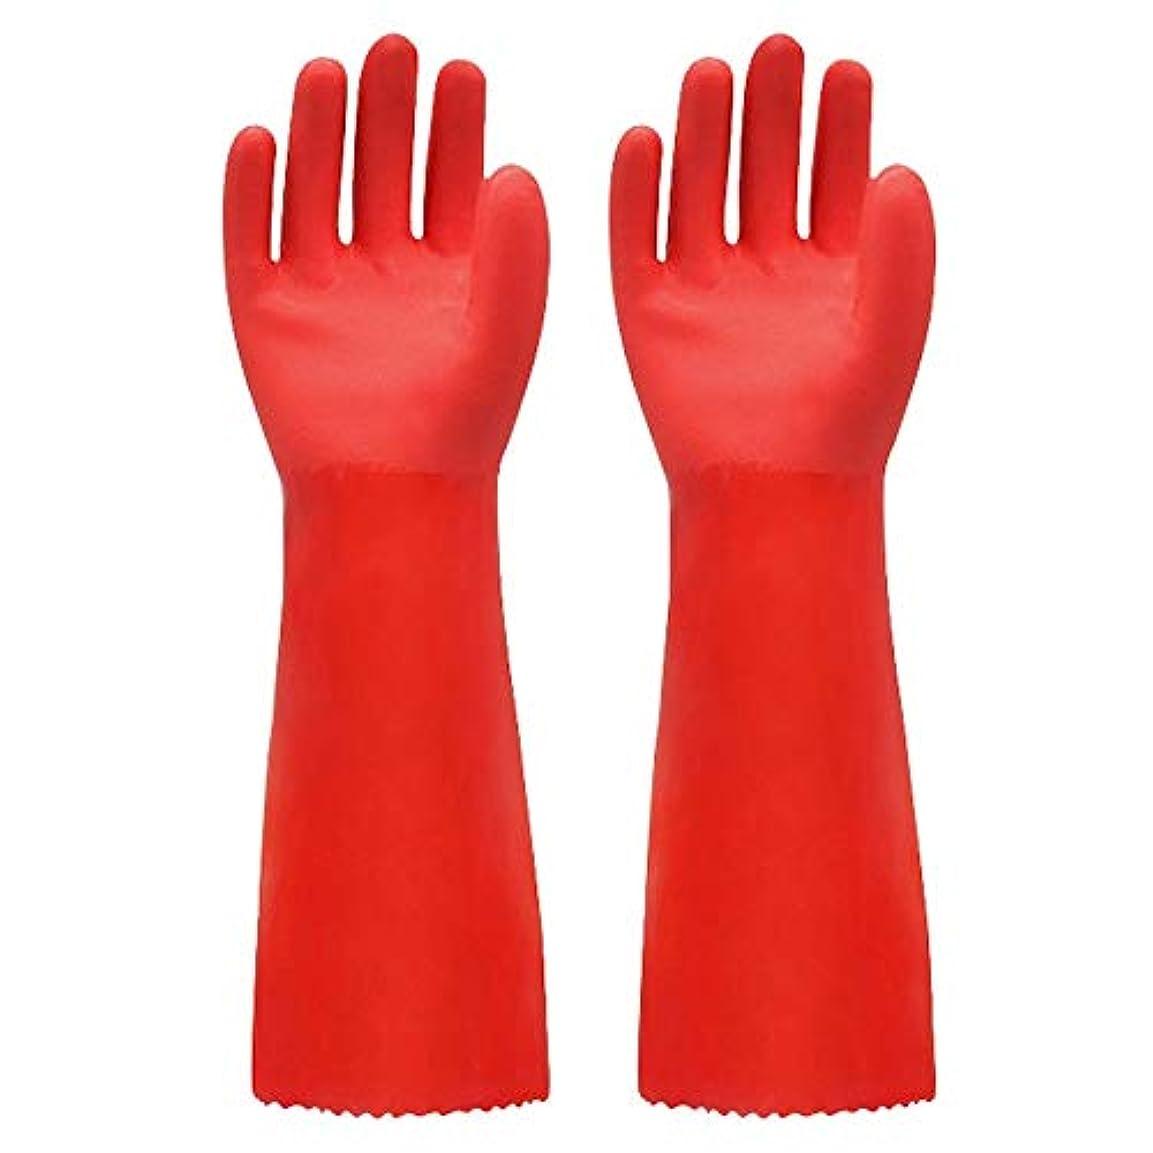 つぼみ親愛なリッチニトリルゴム手袋 ゴム手袋長く暖かいとビロードのゴム製防水と耐久性のある手袋、1ペア 使い捨て手袋 (Color : RED, Size : L)